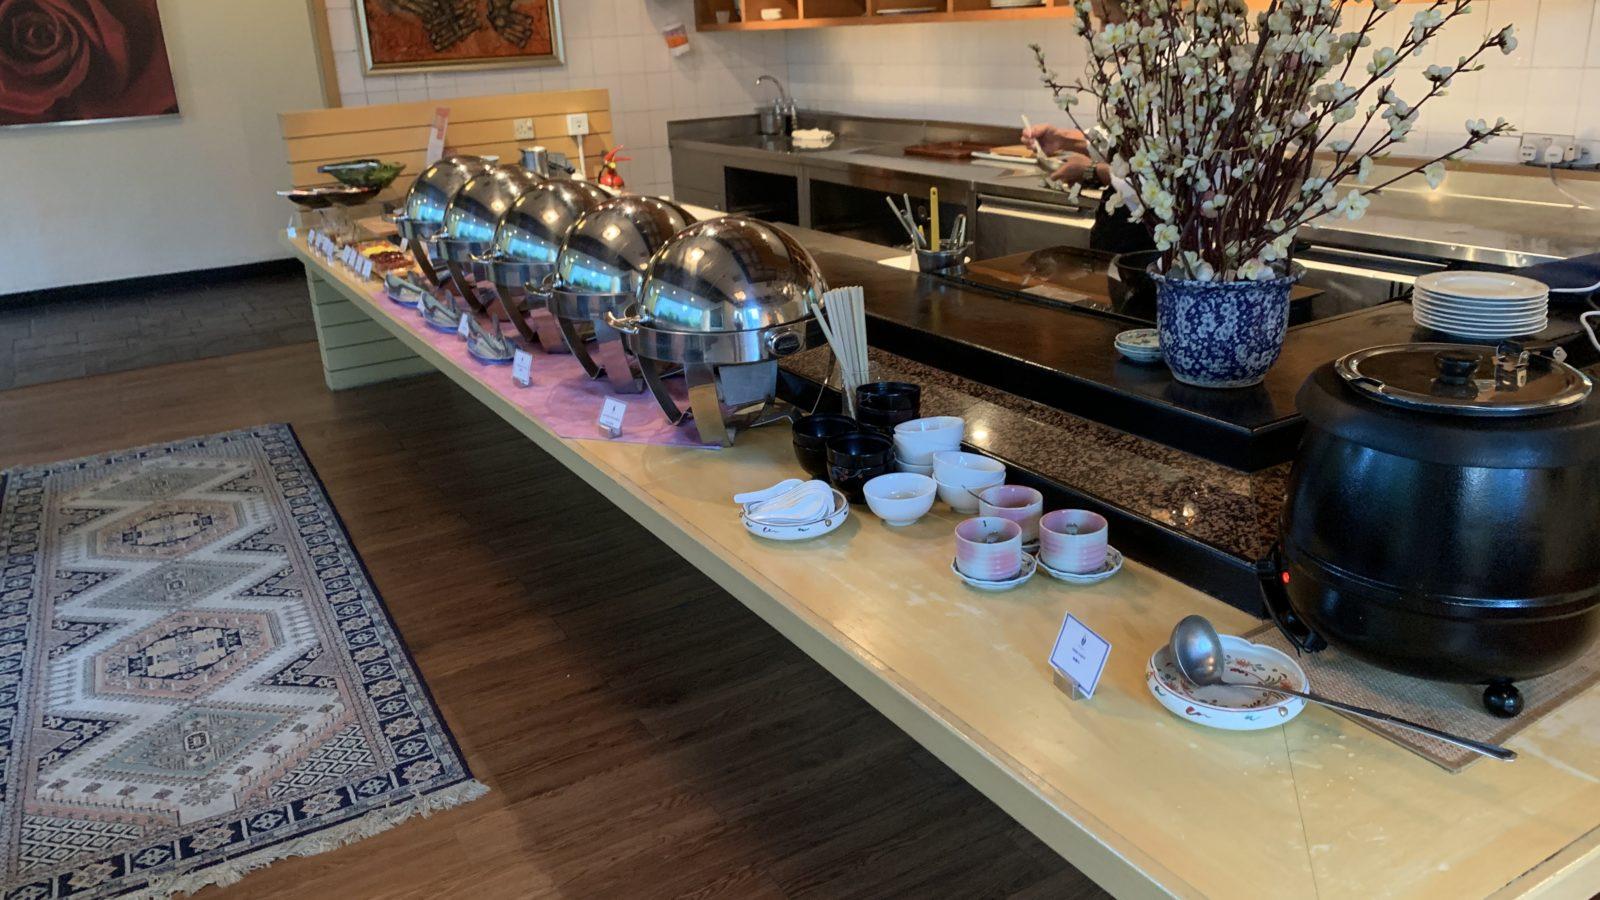 イスタナホテルクアラルンプール-和食の朝食